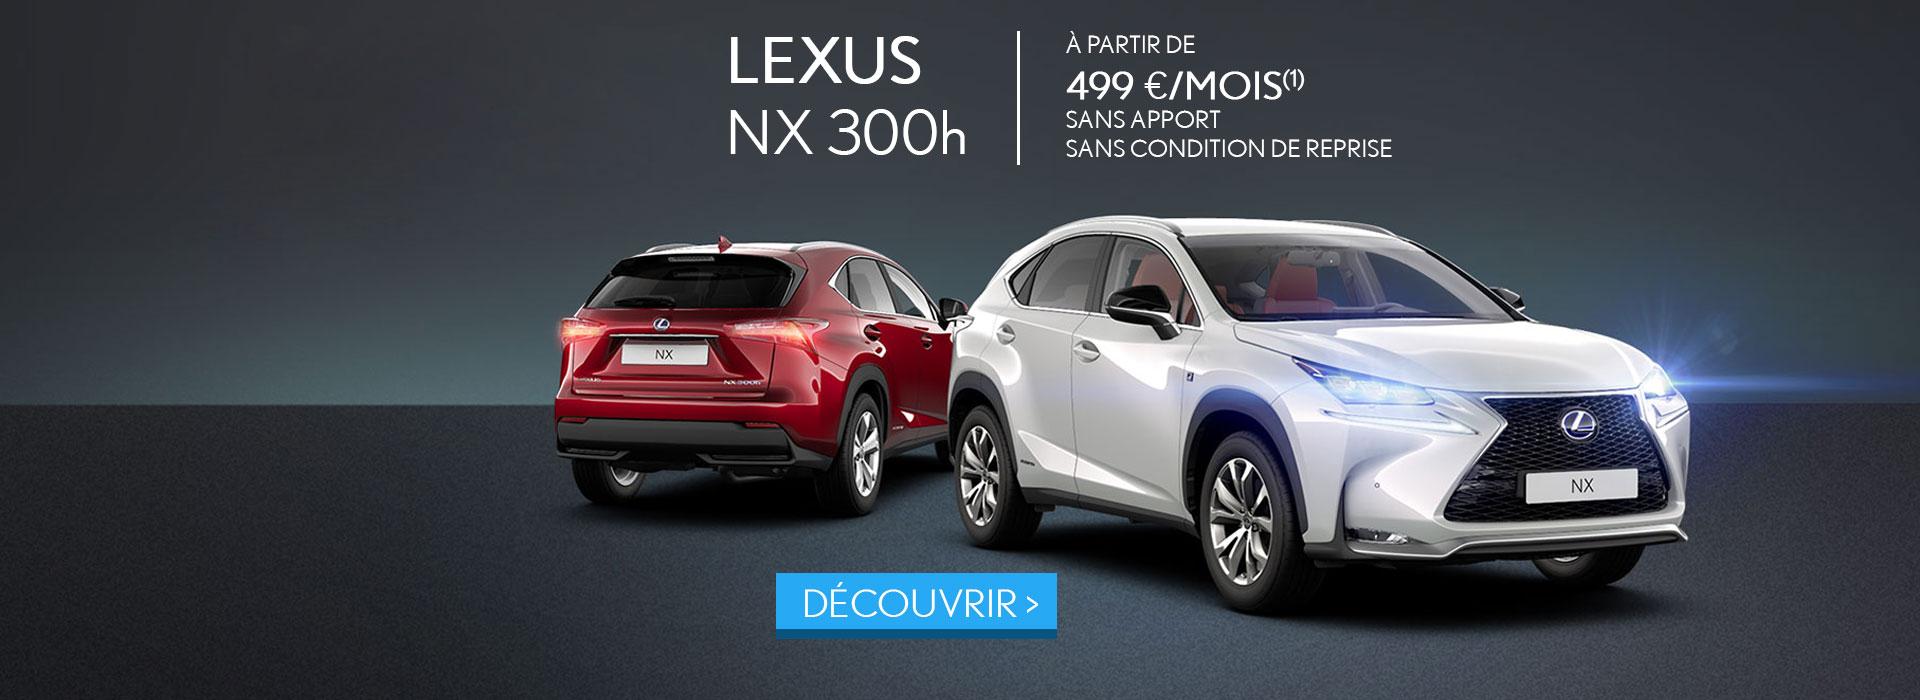 Promotion Lexus Neuve